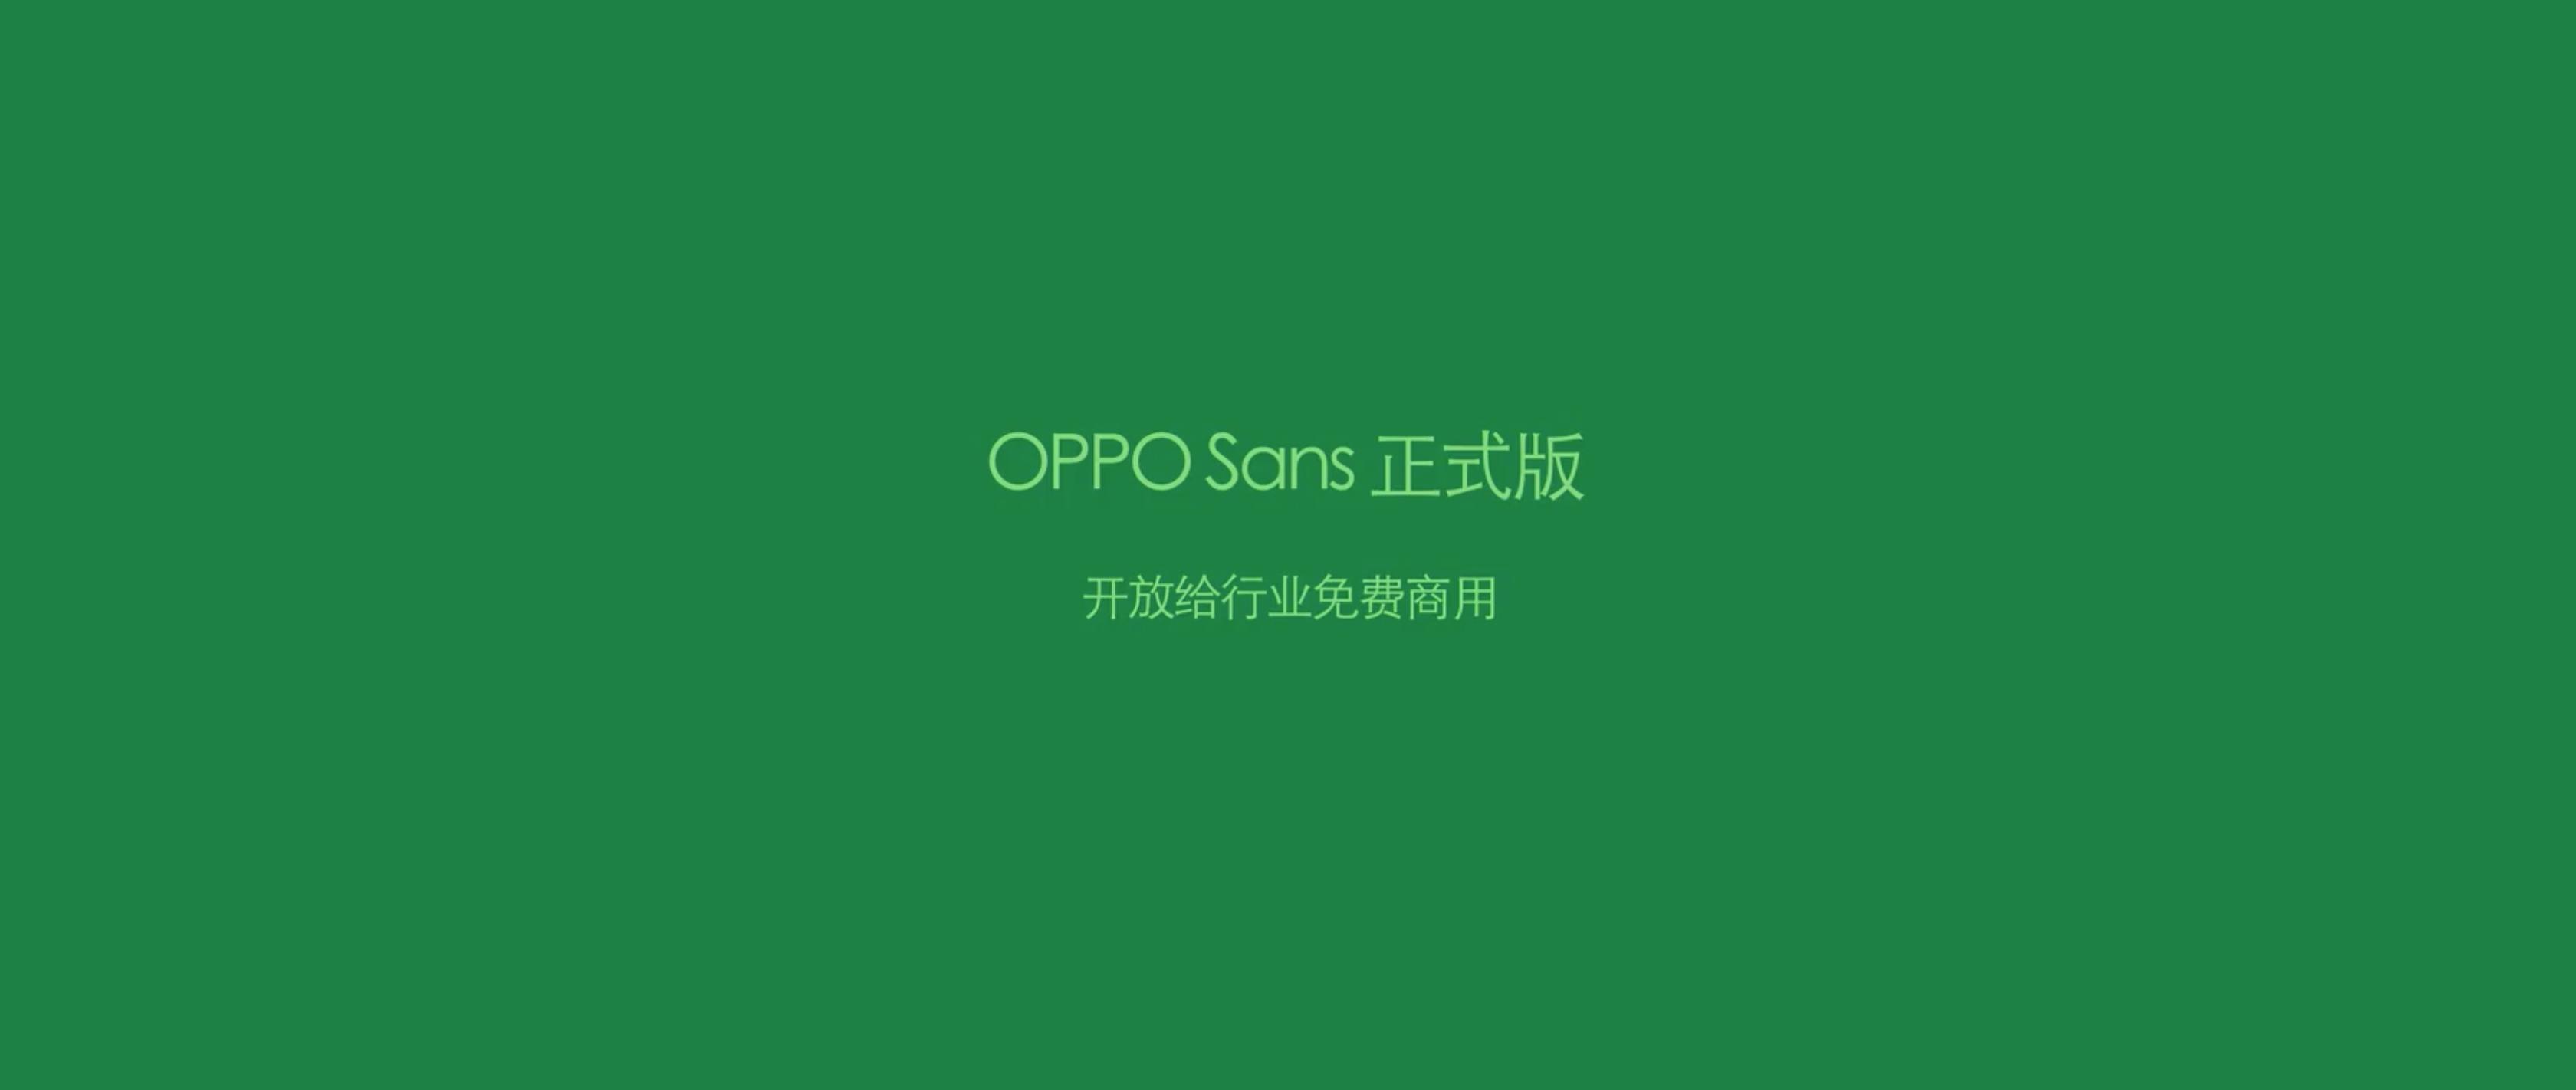 f:id:Azusa_Hirano:20200916192841p:plain